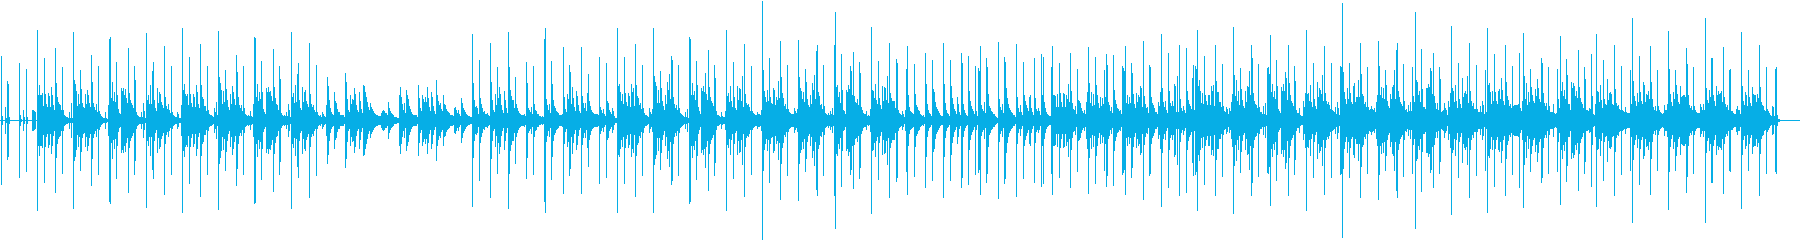 ピアノの音がメインのゆったりとした曲の再生済みの波形